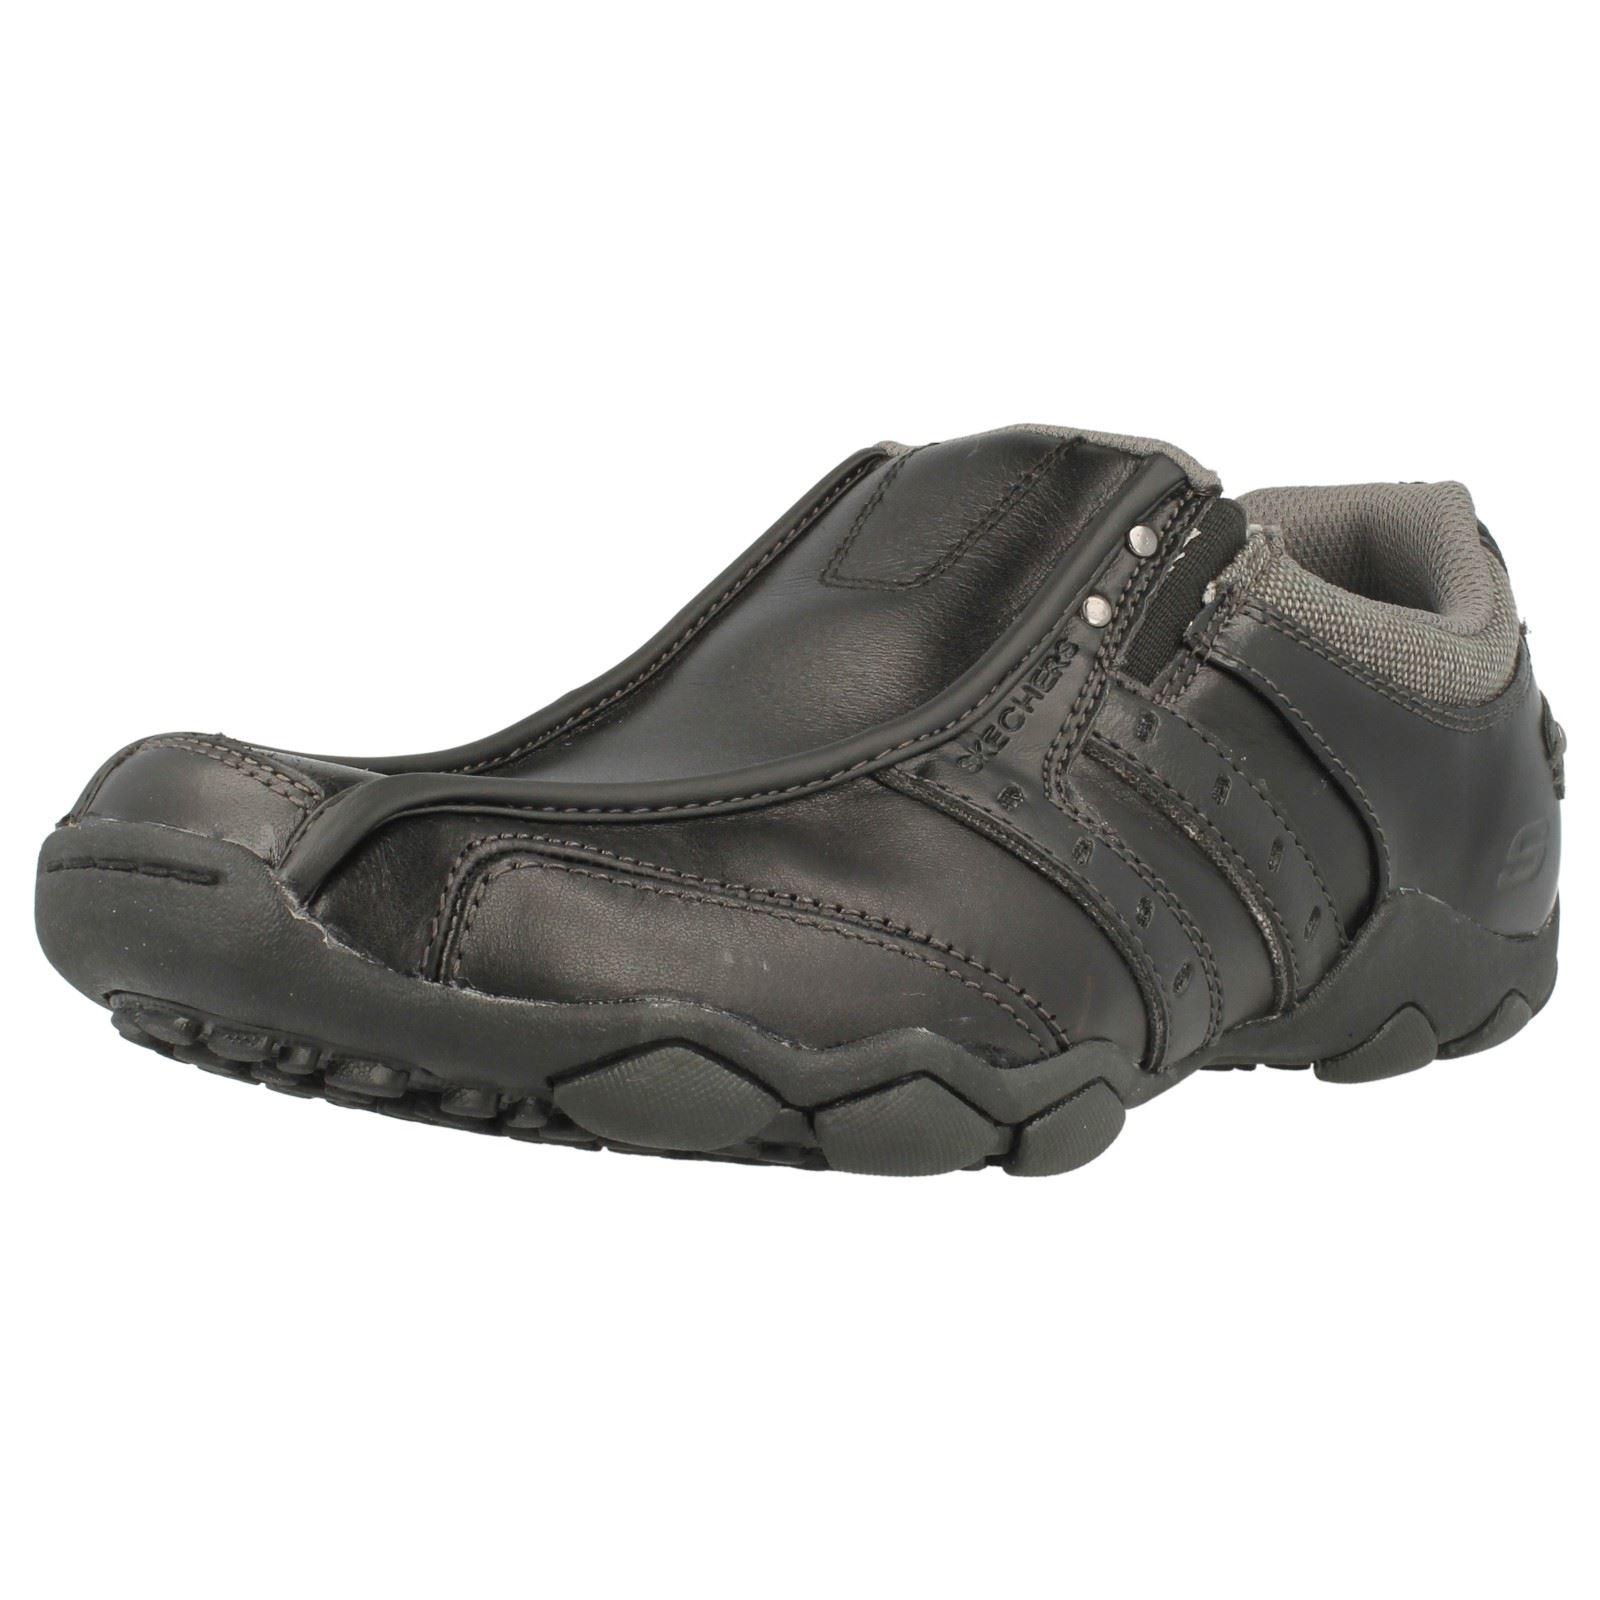 Skechers Women S Go Walk Impress Memory Foam Fit Walking Shoe